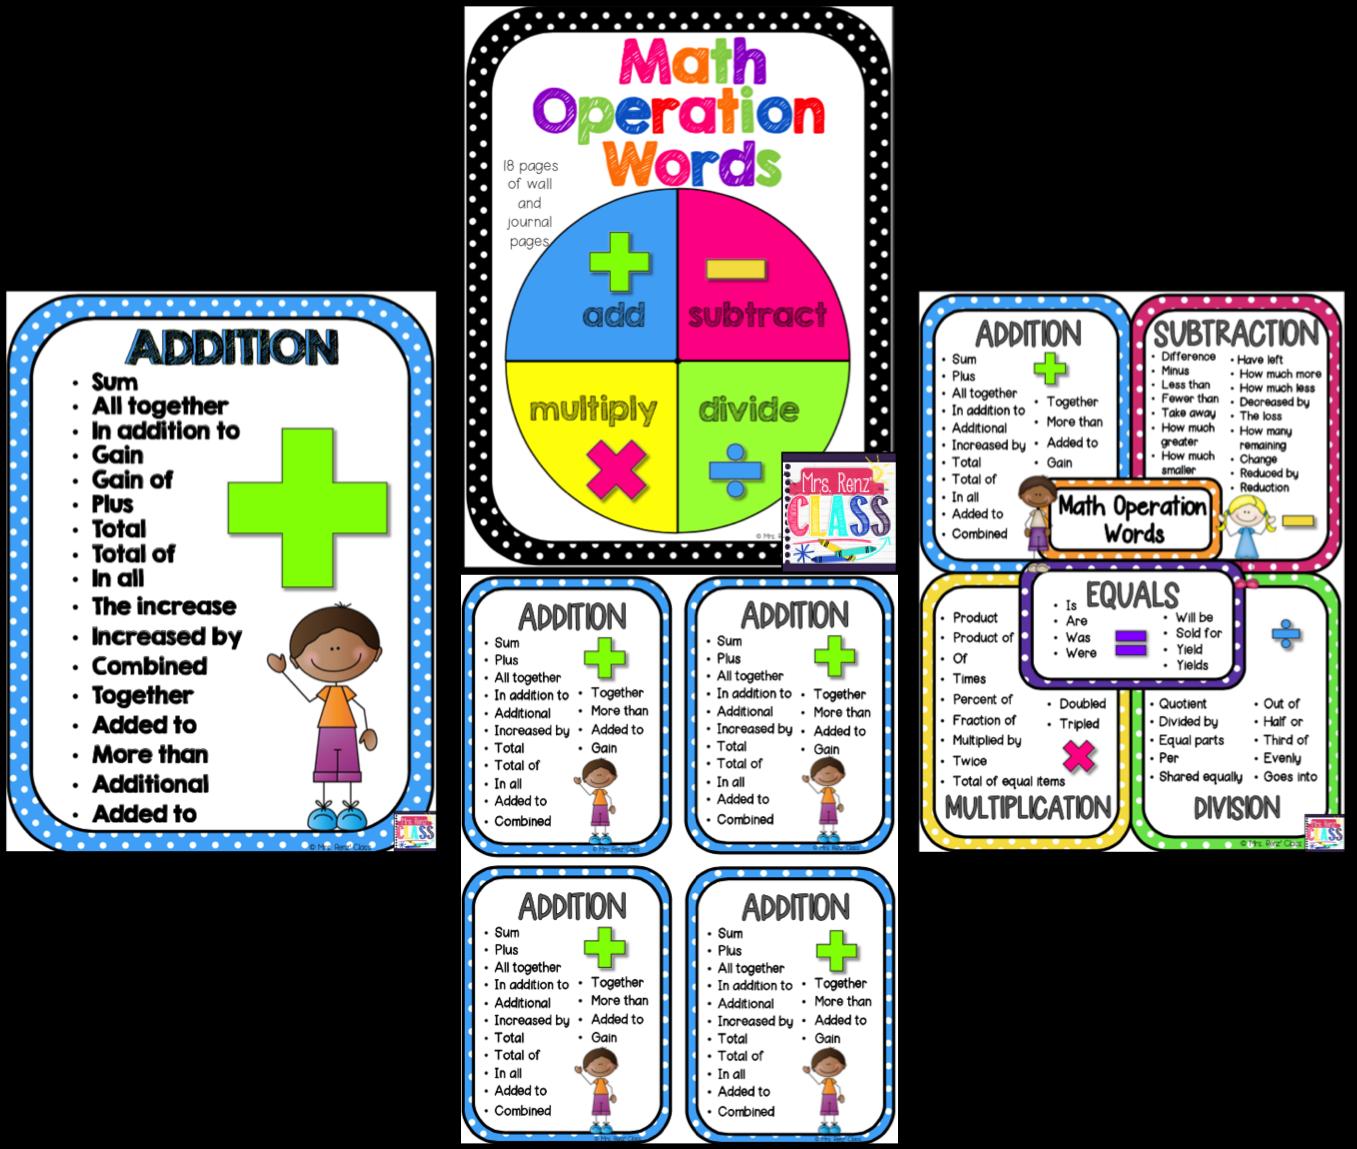 worksheet. Math Key Words. Duliziyou Worksheets for Elementary ...